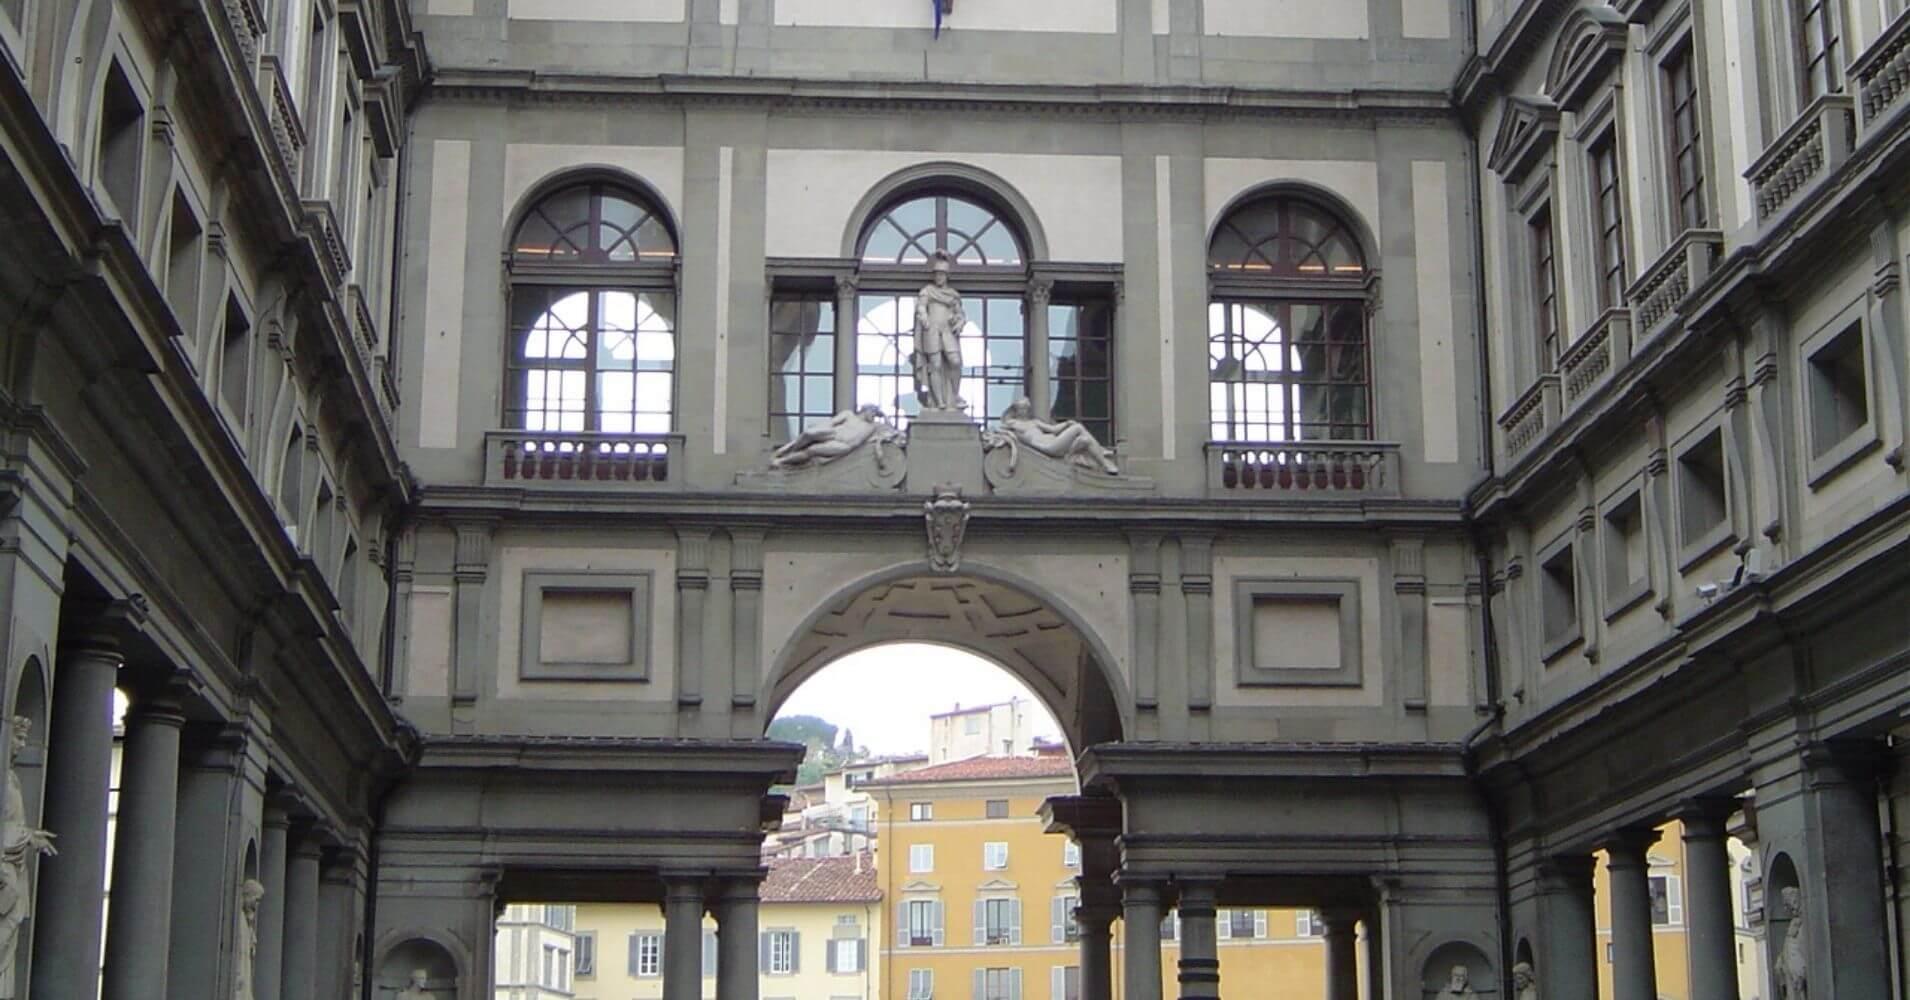 Cinco días en Florencia. Galería Uffizi. Toscana, Italia.